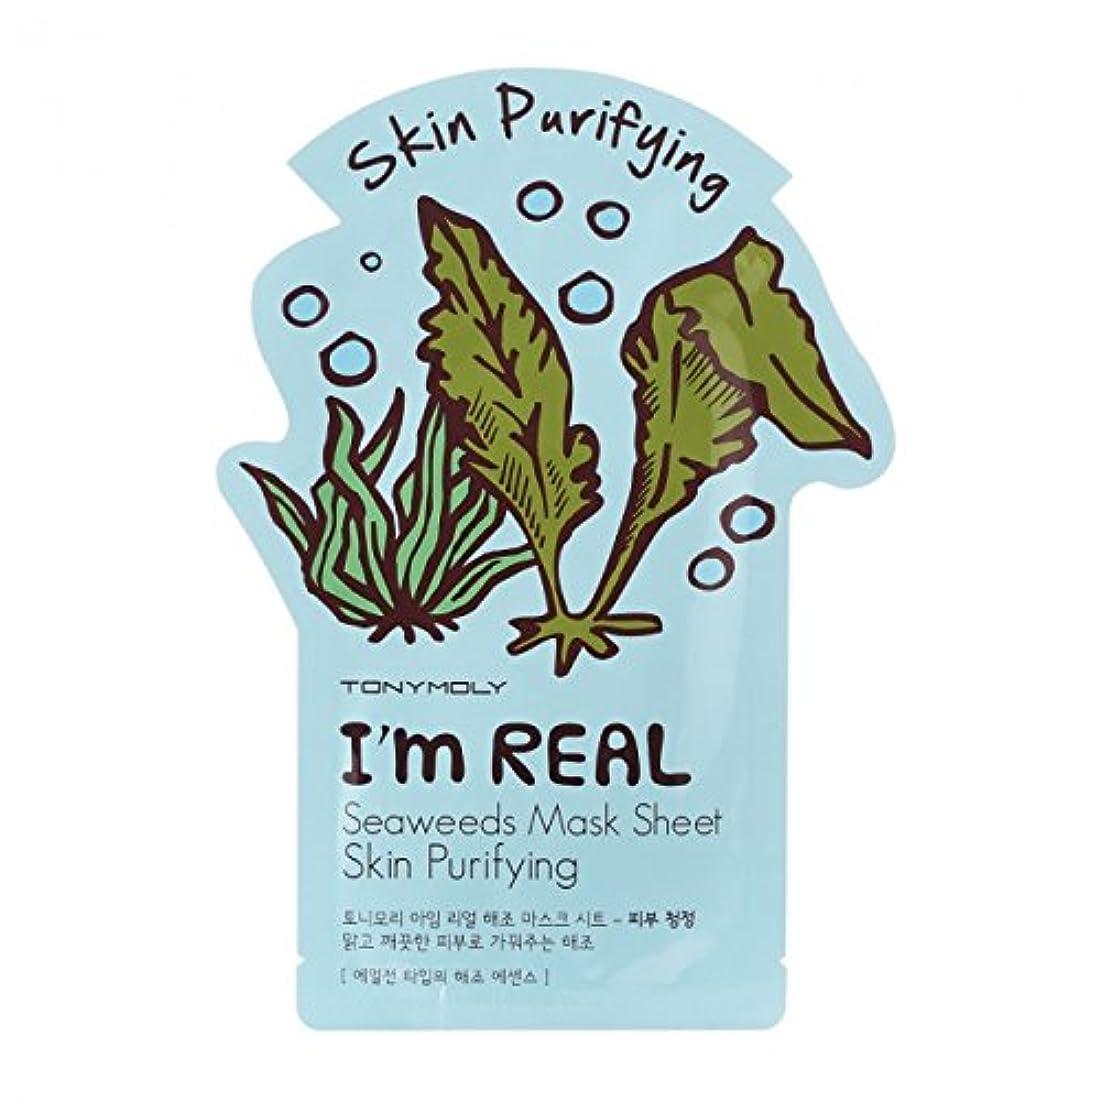 パテ反響する酔った(3 Pack) TONYMOLY I'm Real Seaweeds Mask Sheet Skin Purifying (並行輸入品)